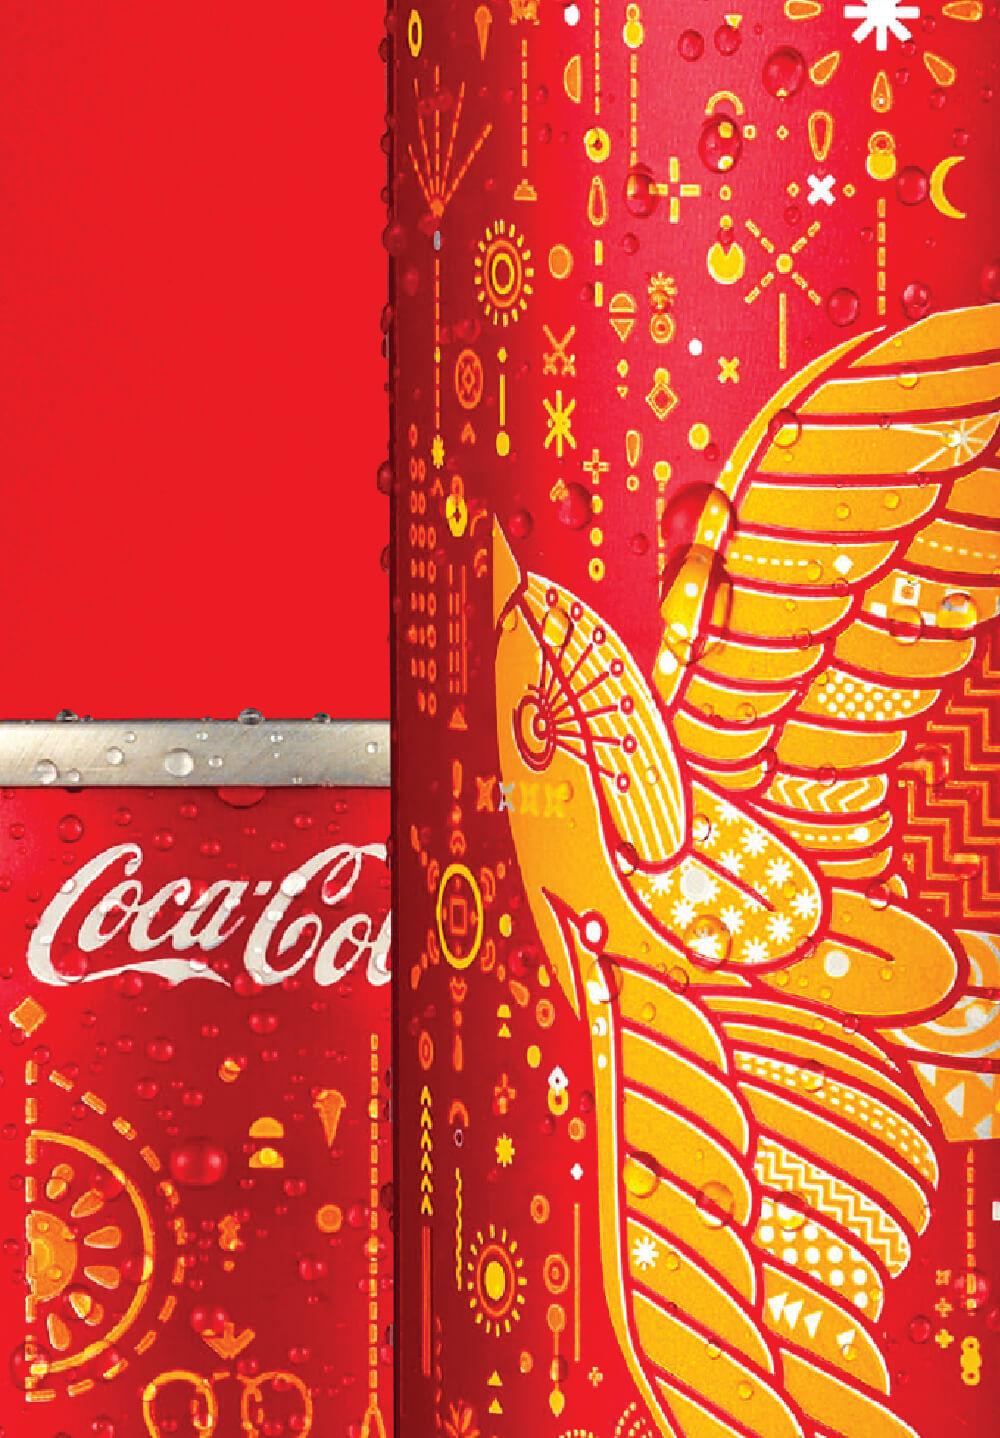 Coca-Cola Tet